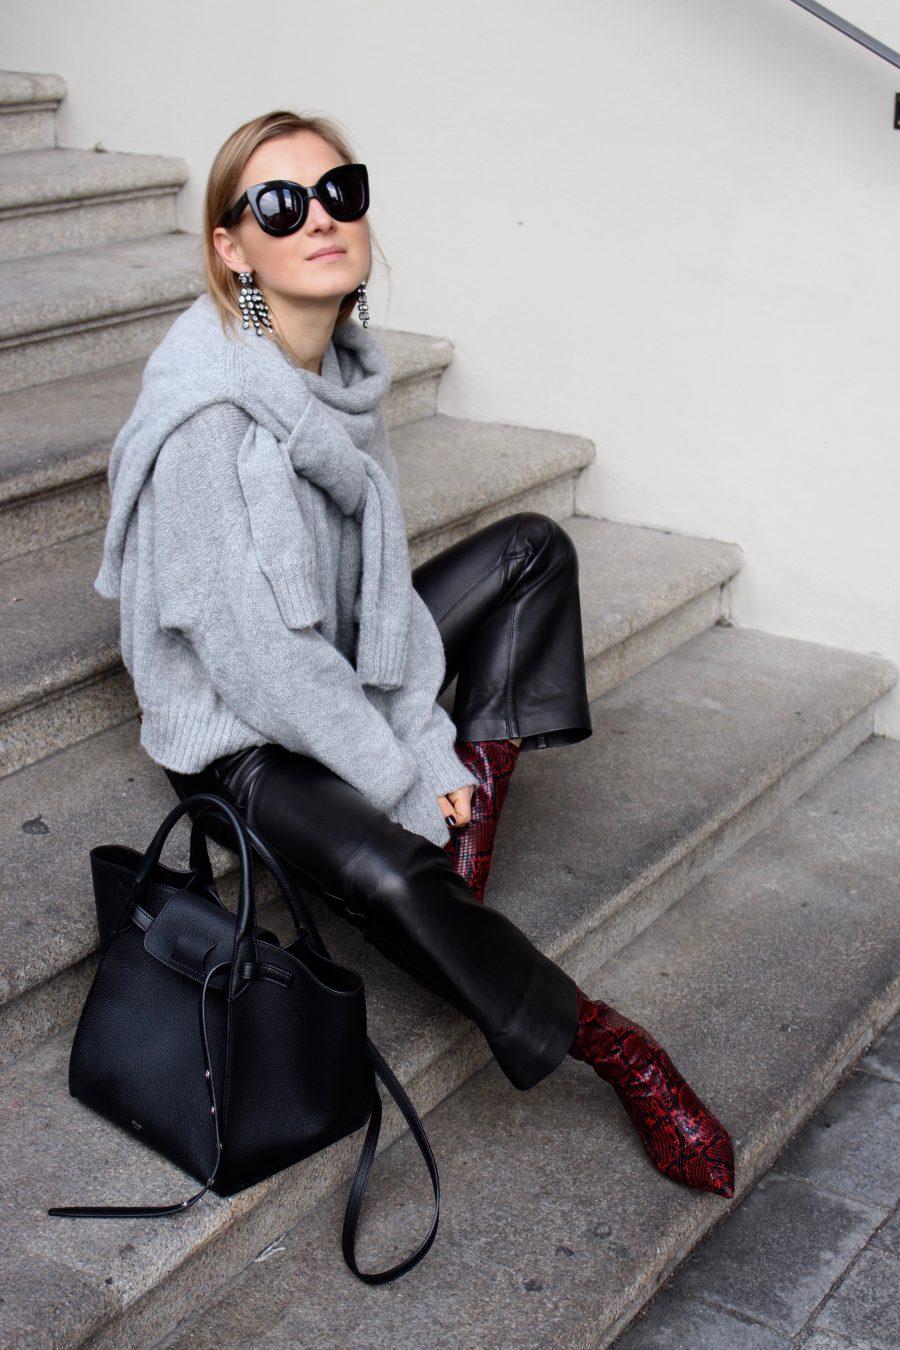 H&M Earrings Trend winter 2018